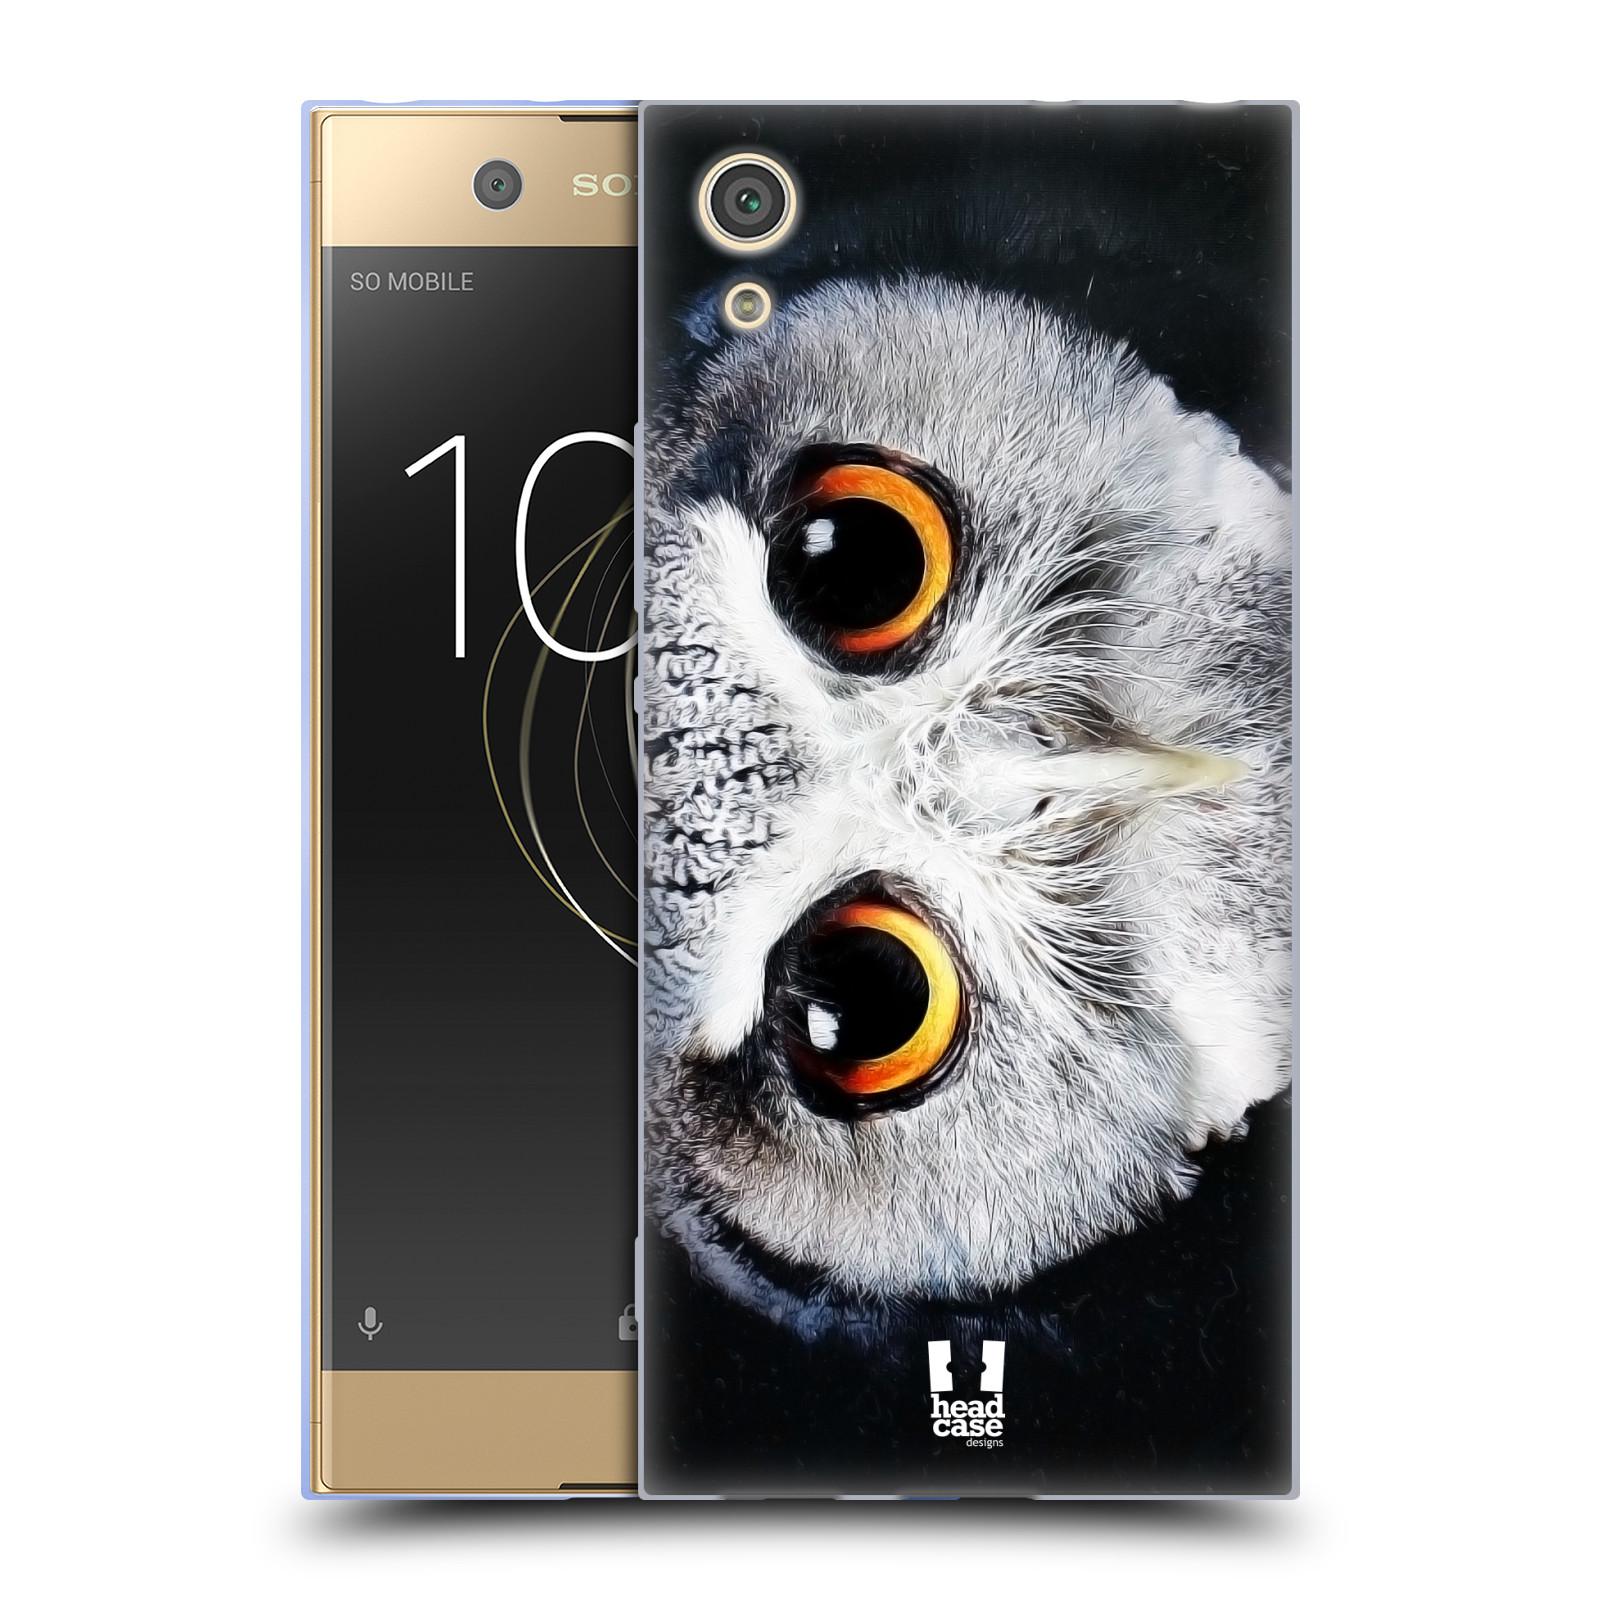 HEAD CASE silikonový obal na mobil Sony Xperia XA1 / XA1 DUAL SIM vzor Zvířecí tváře sova